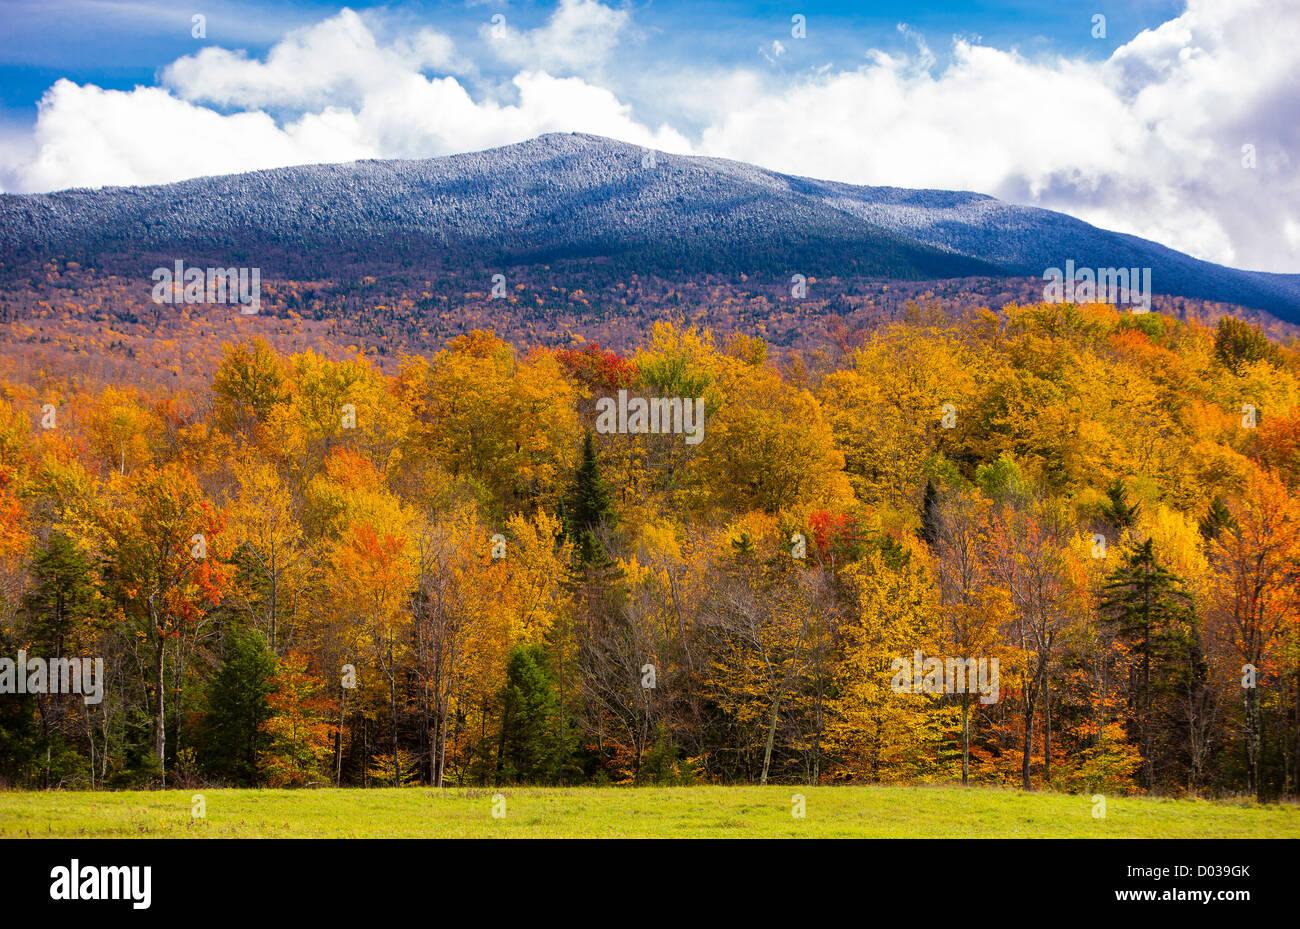 Vermont Fall Foliage Wallpaper Green Mountains Vermont Usa Autumn Foliage On Trees